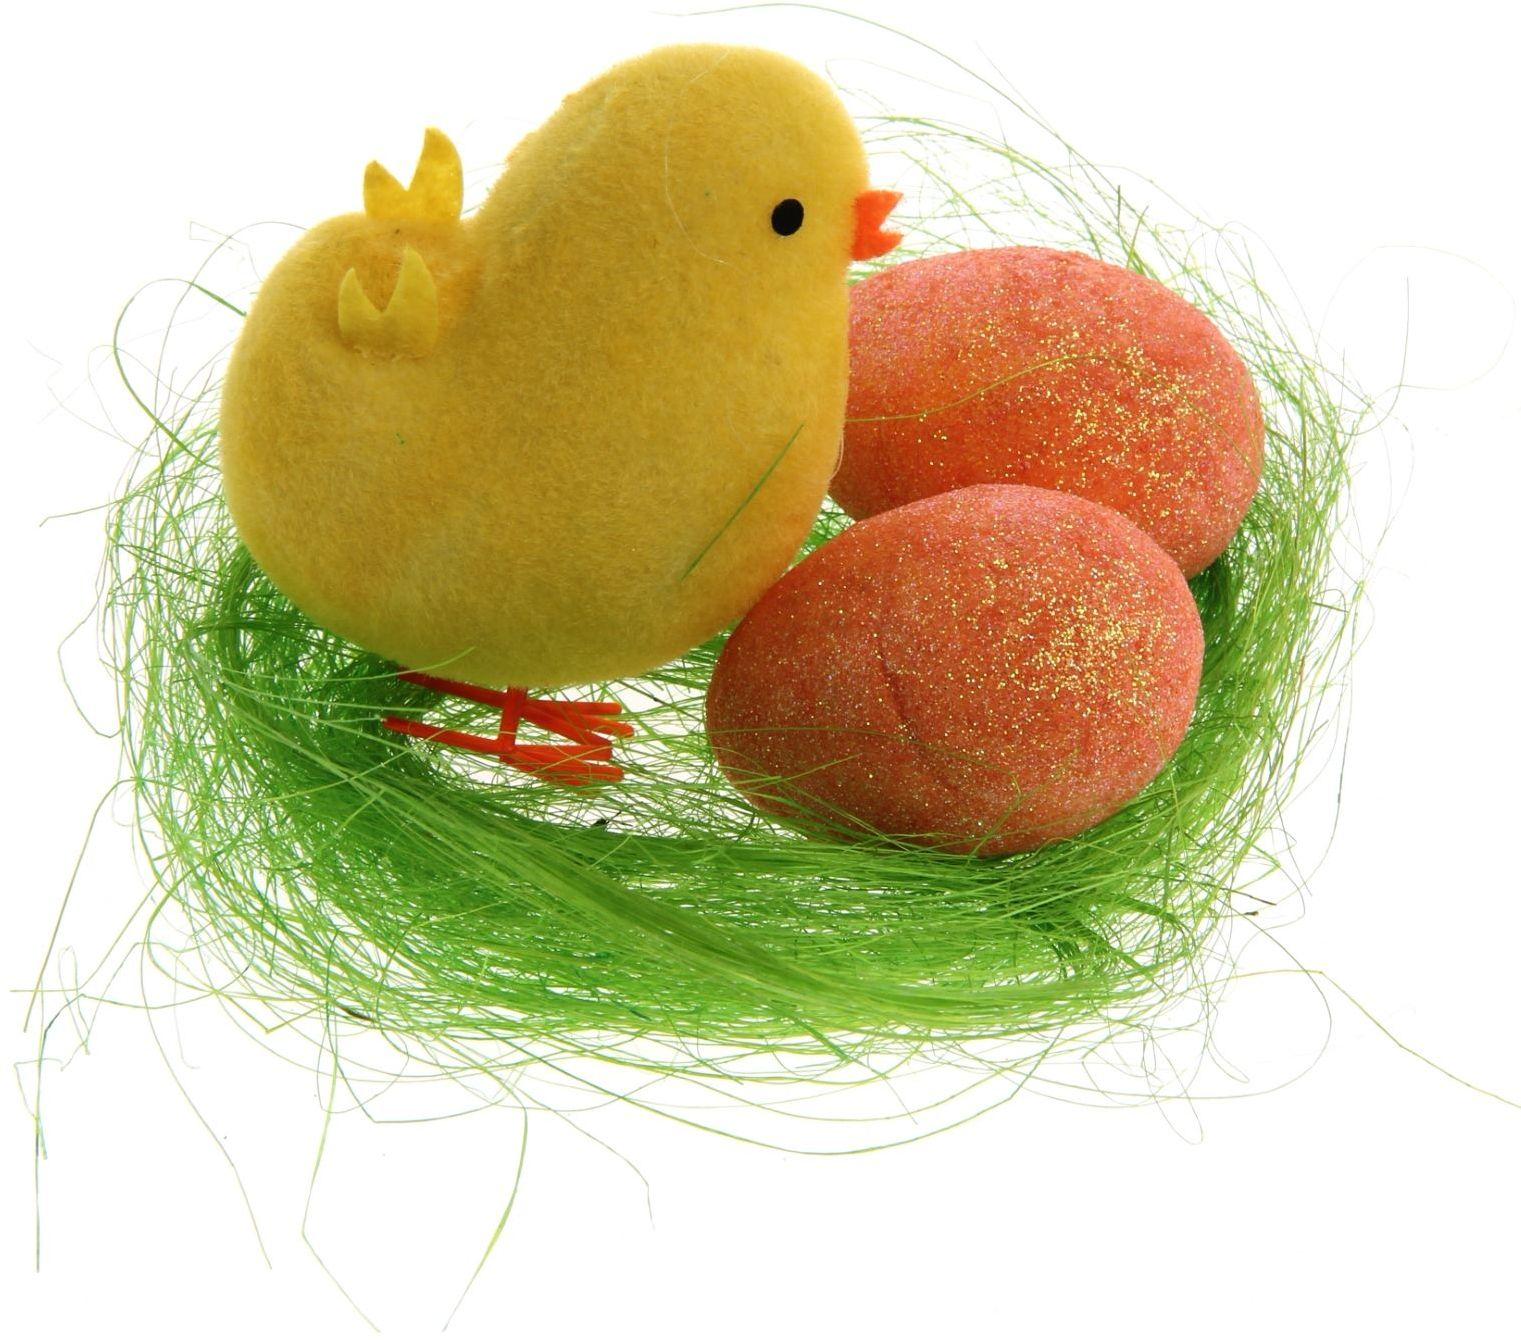 Сувенир пасхальный Sima-land Цыплёнок на травке, 6 х 6 х 10 смRG-D31SДарить подарки на Пасху – это такая же традиция, как красить яйца и выпекать куличи. Презенты вдвойне приятнее, если они несут в себе сакральный смысл и имеют какое-то значение.Сувенир Цыплёнок на травке, цвета МИКС - это символ возрождения и непрерывности жизни. С его помощью вы сможете украсить жилище, преподнести его близкому человеку или использовать при сервировке стола всю пасхальную неделю. Кроме того, пасхальные цыплята нравятся маленьким деткам.